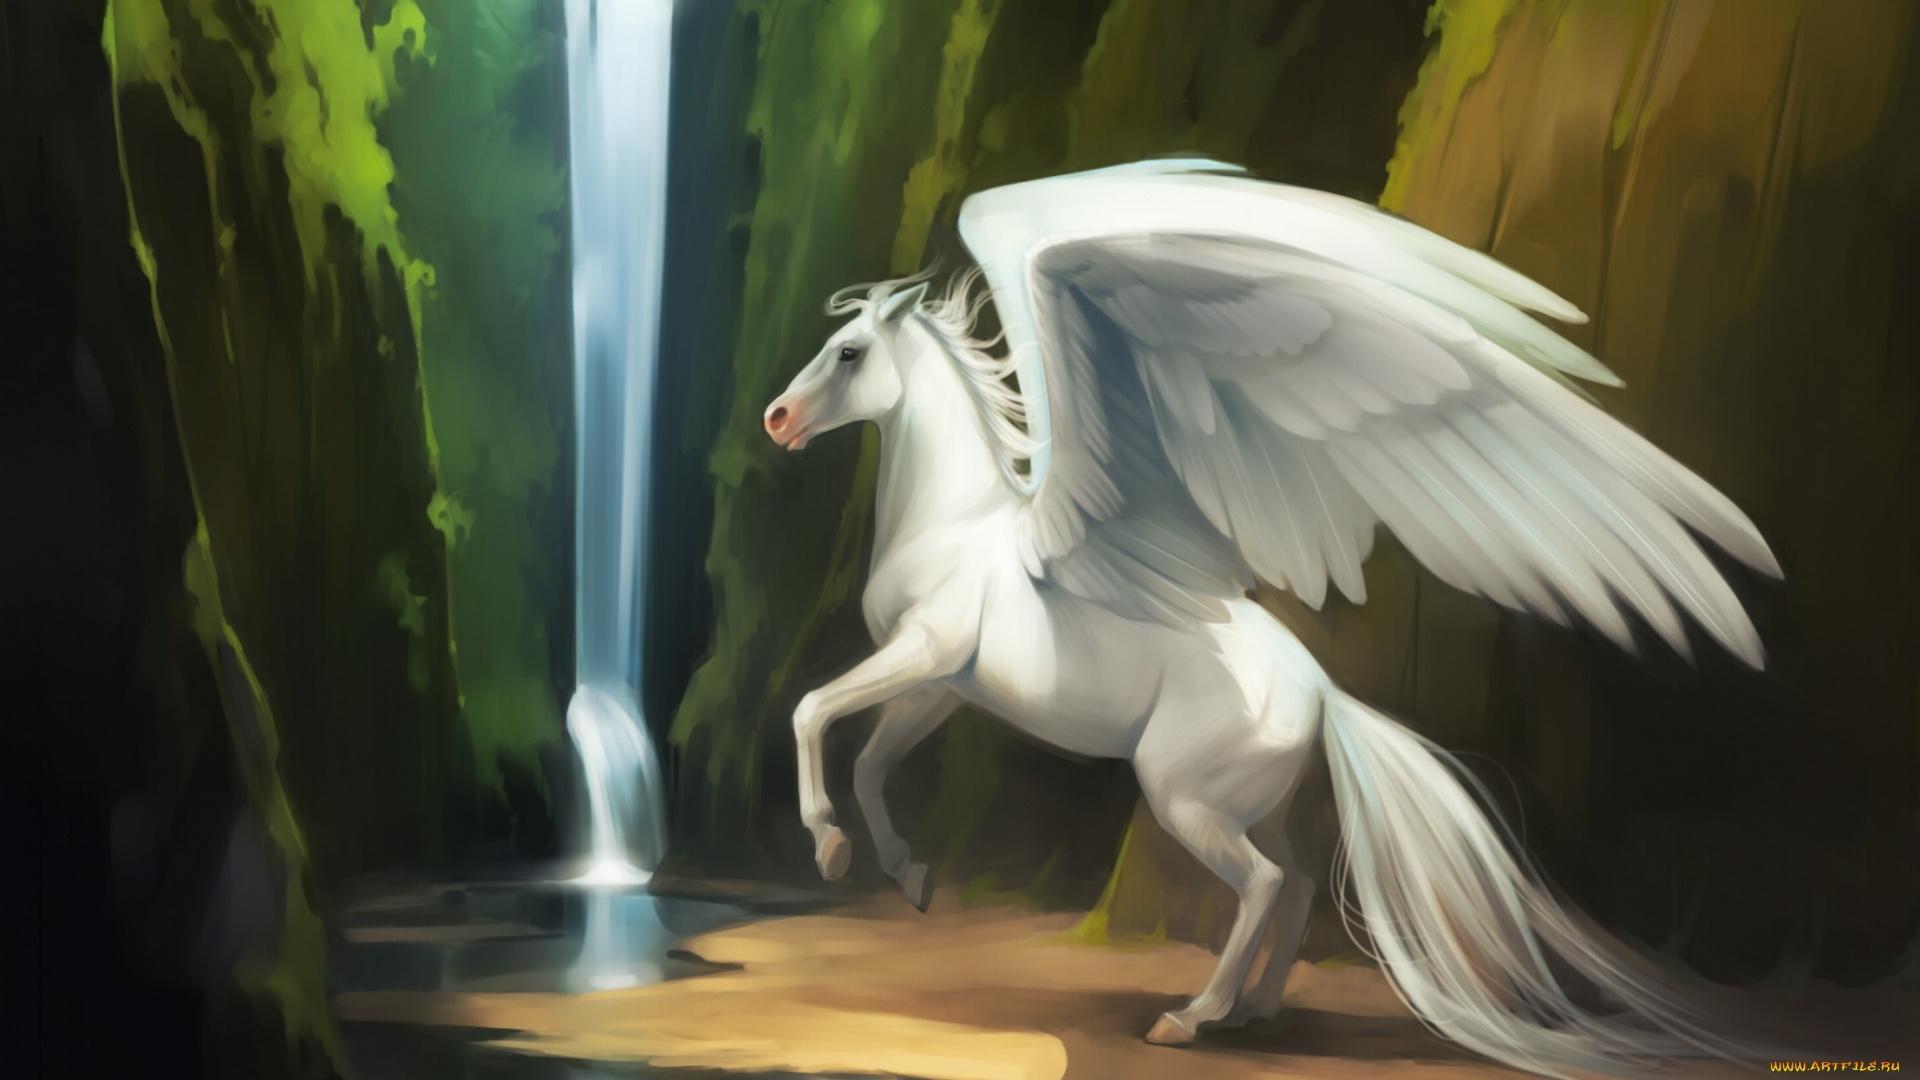 Pegasus Art wallpaper for computer